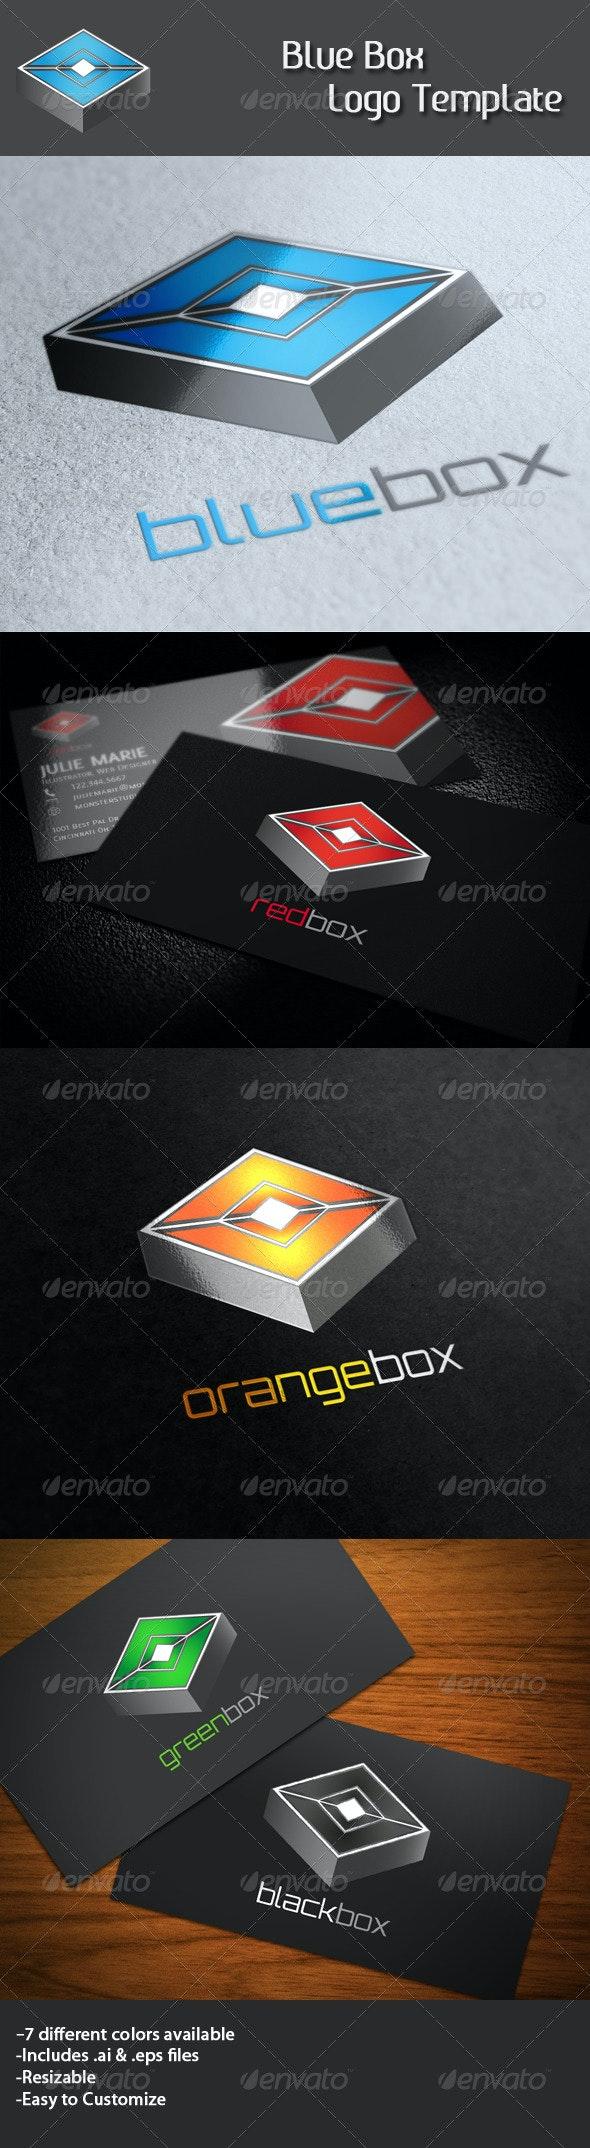 Blue Box Logo - Vector Abstract